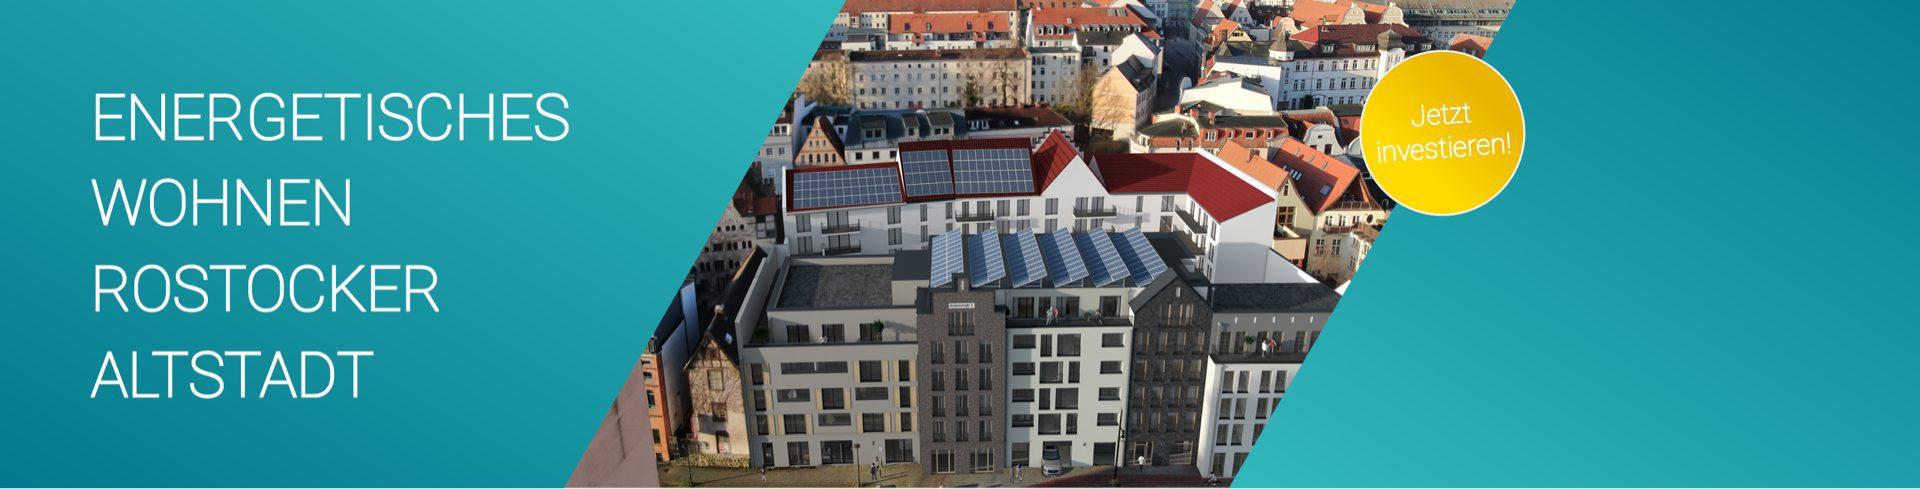 WIWIN Startseite - Energetisches Wohnen in der Rostocker Altstadt